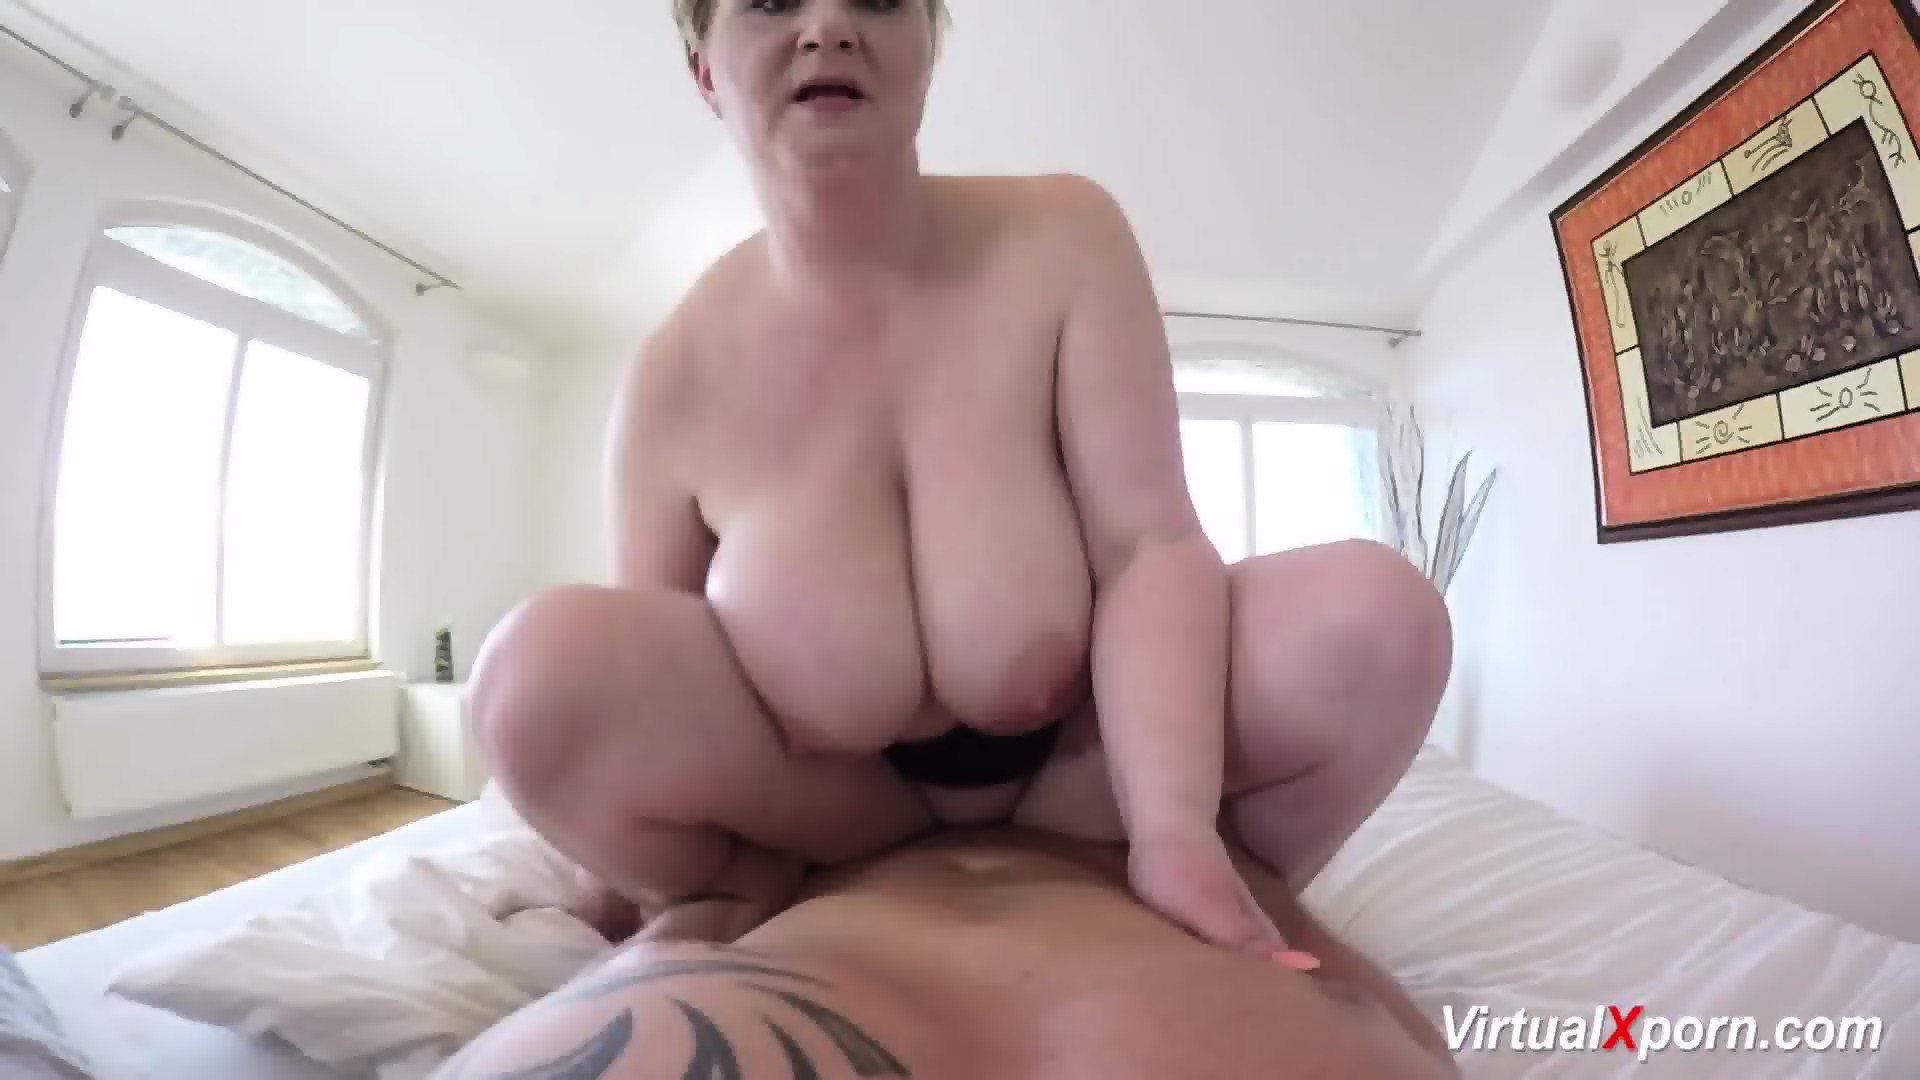 Chubby Pov Porn